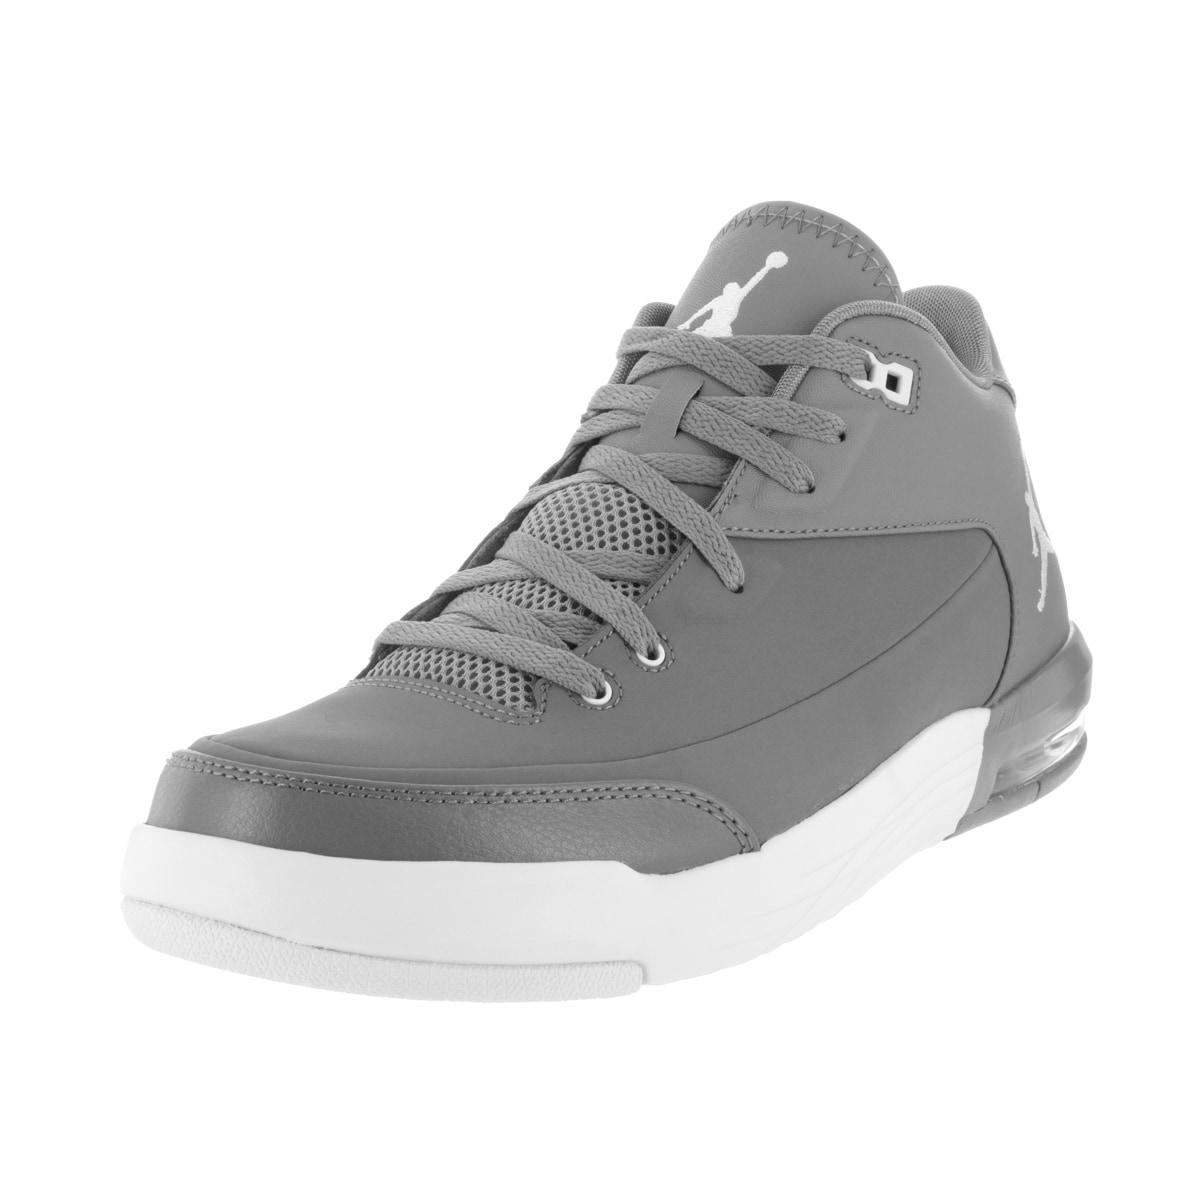 Jordan Flight Origin 3 Cool Grey